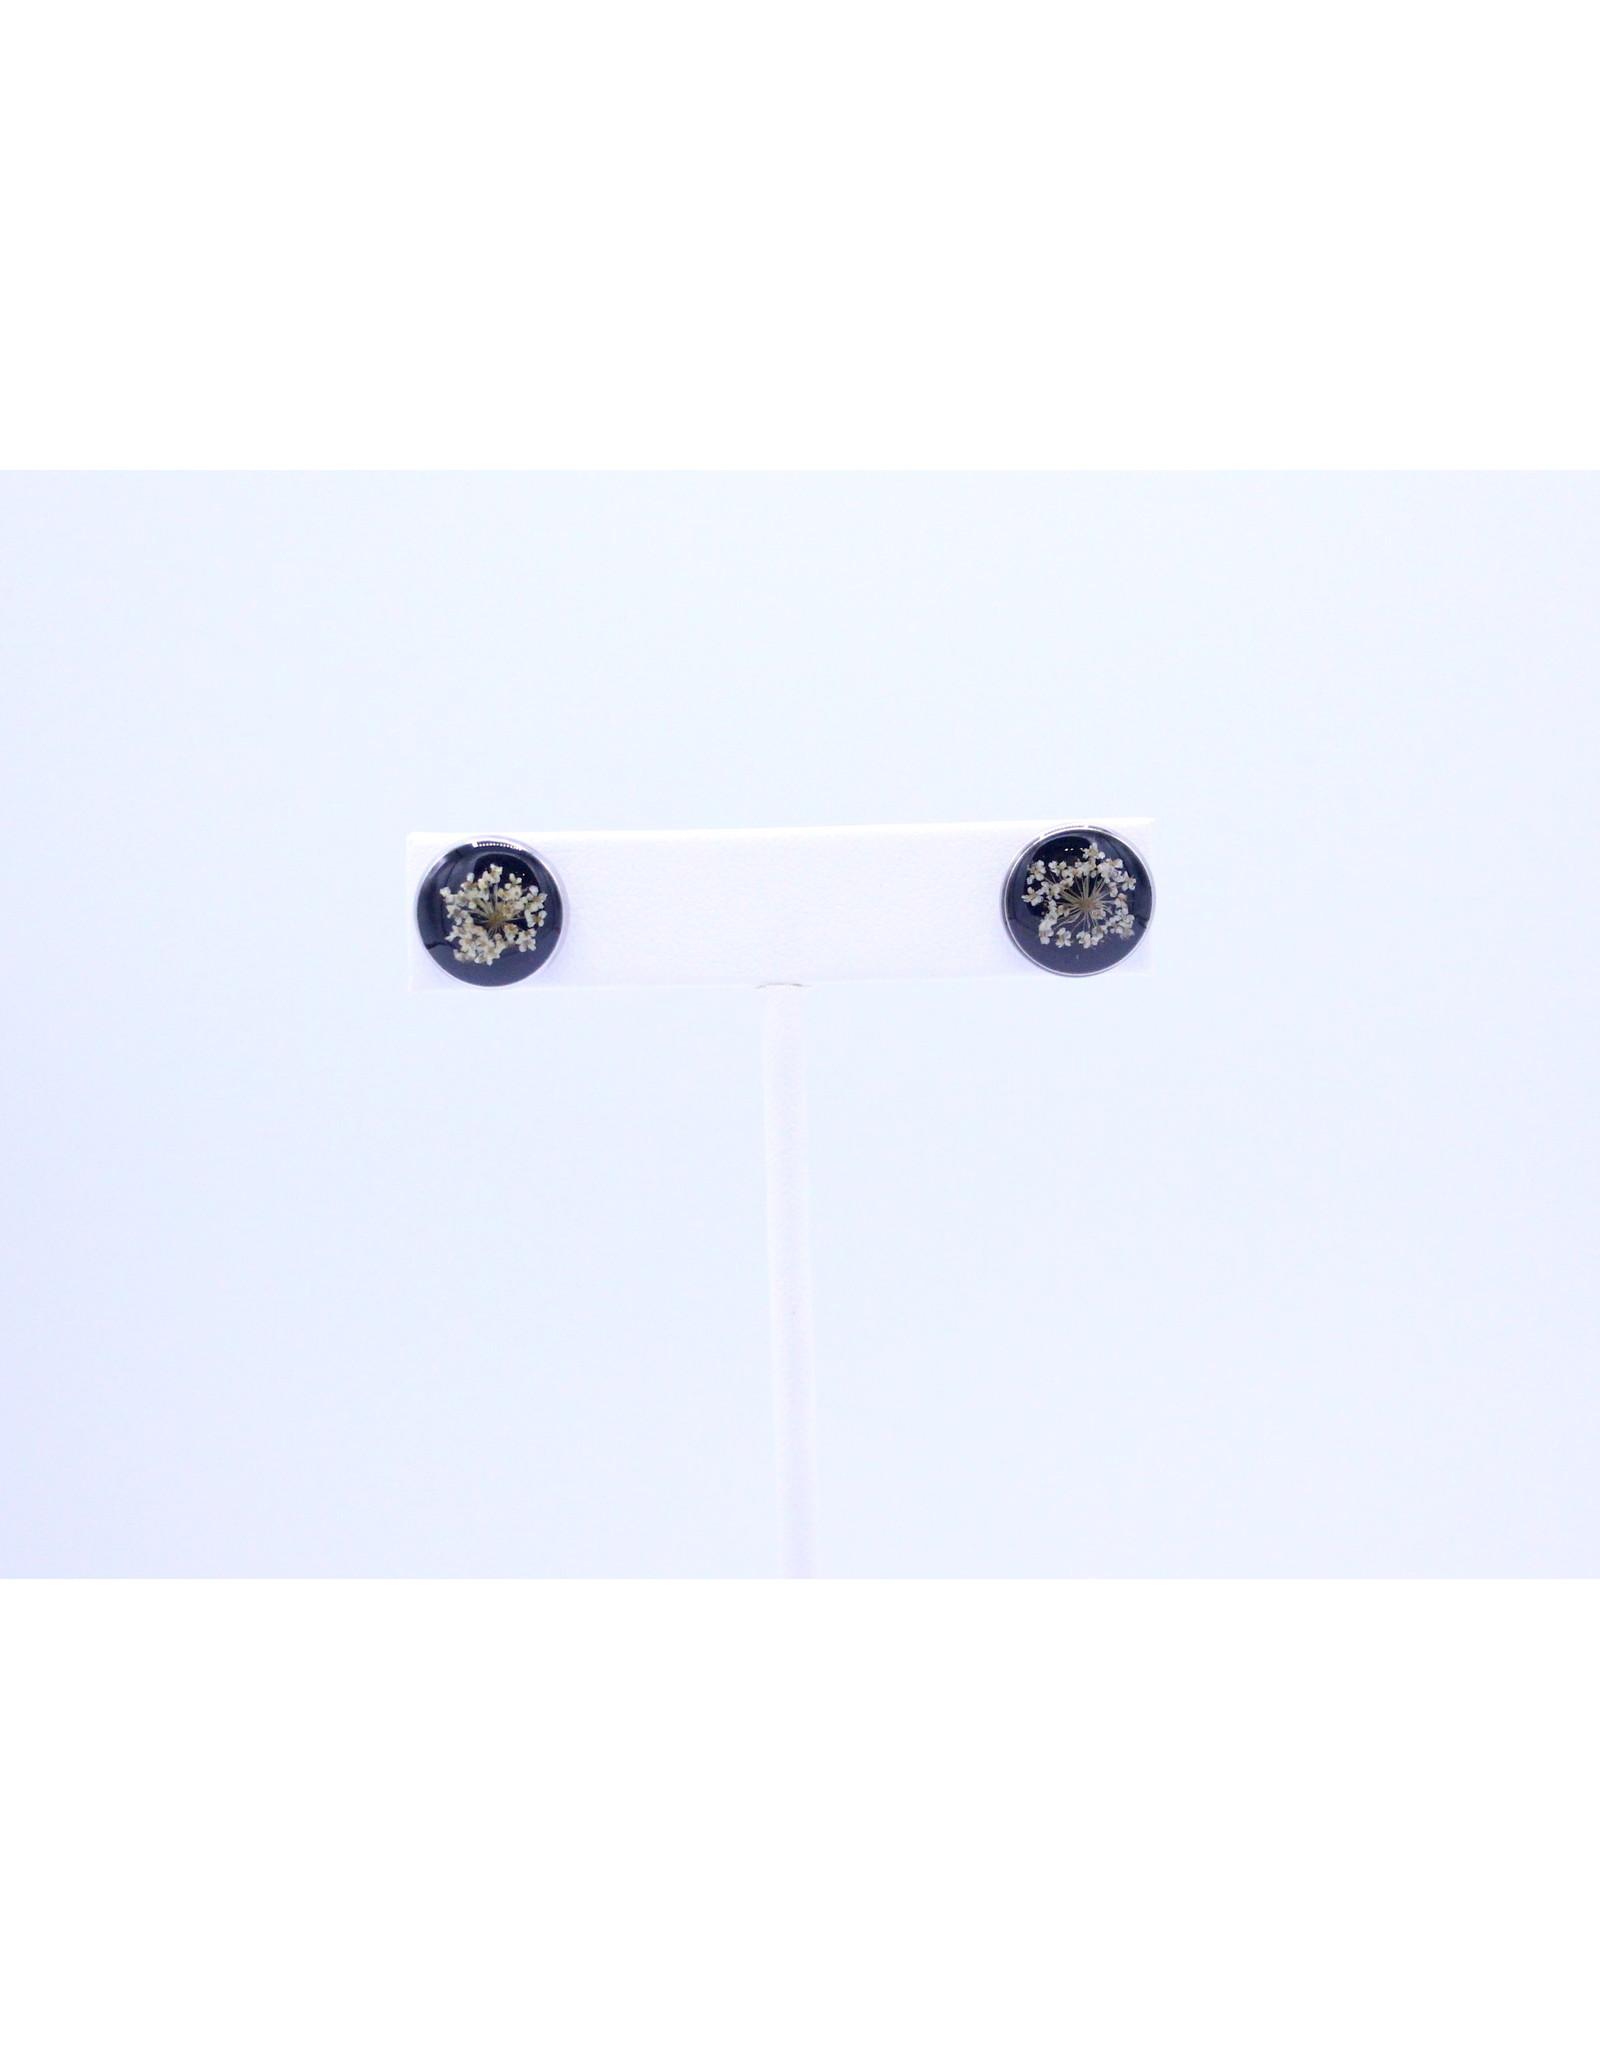 12mm Stud Queen Anne's Lace Earrings Black - J12SQALBK1